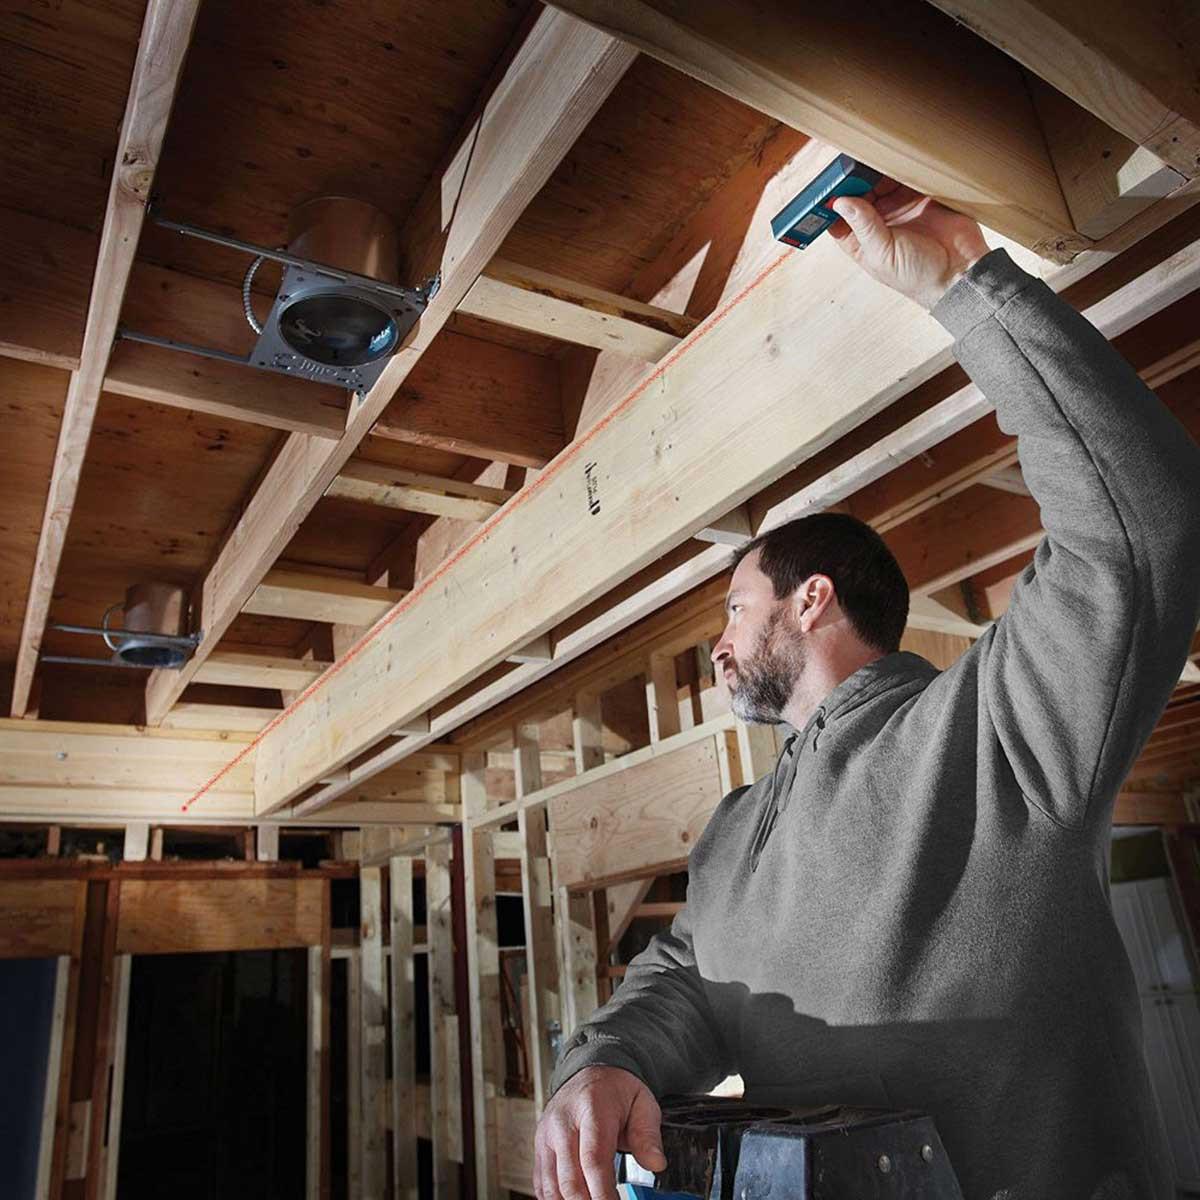 ceiling measuring Bosch laser tool